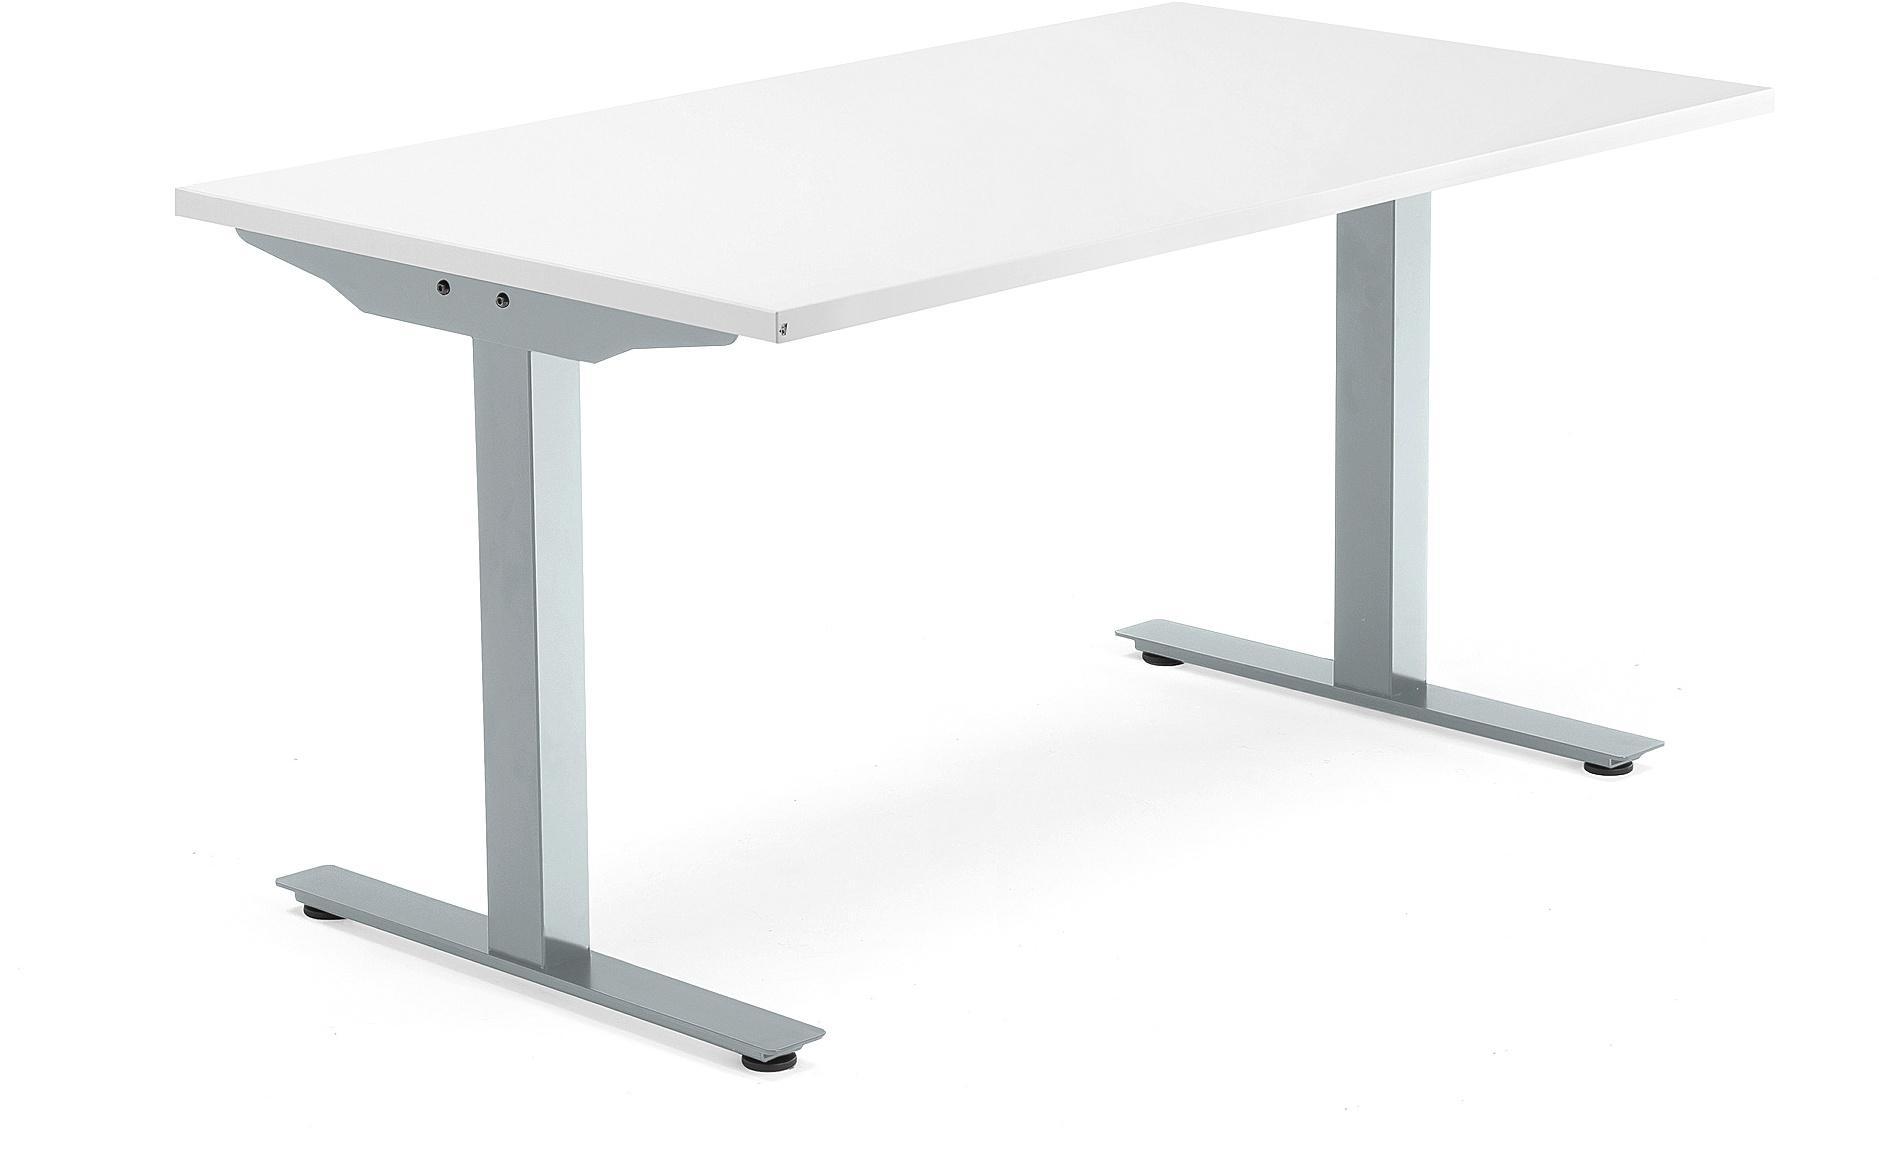 Kancelársky pracovný stôl Modulus, T-rám, 1400x800 mm, biela/strieborná